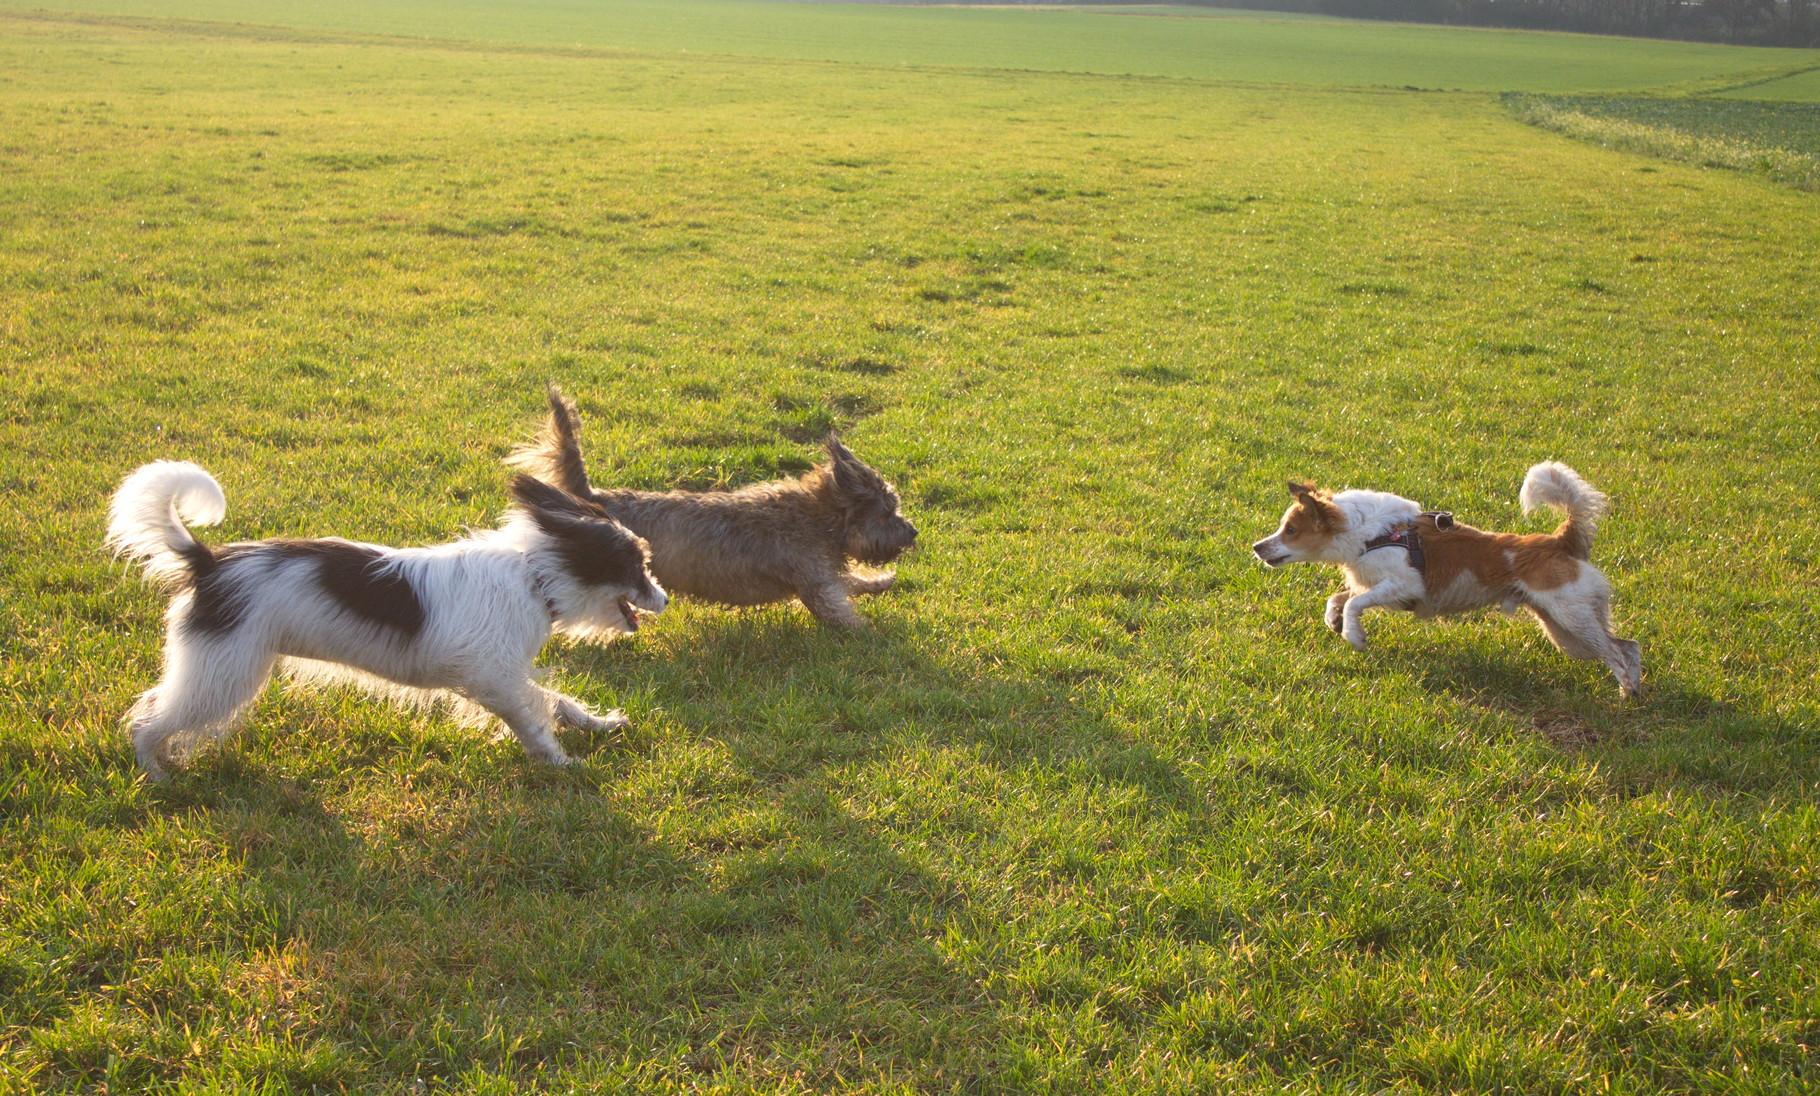 Draußen rumsausen mit Bella und Bonito...suuuper, das versuchen wir einmal pro Woche hinzukriegen:-)